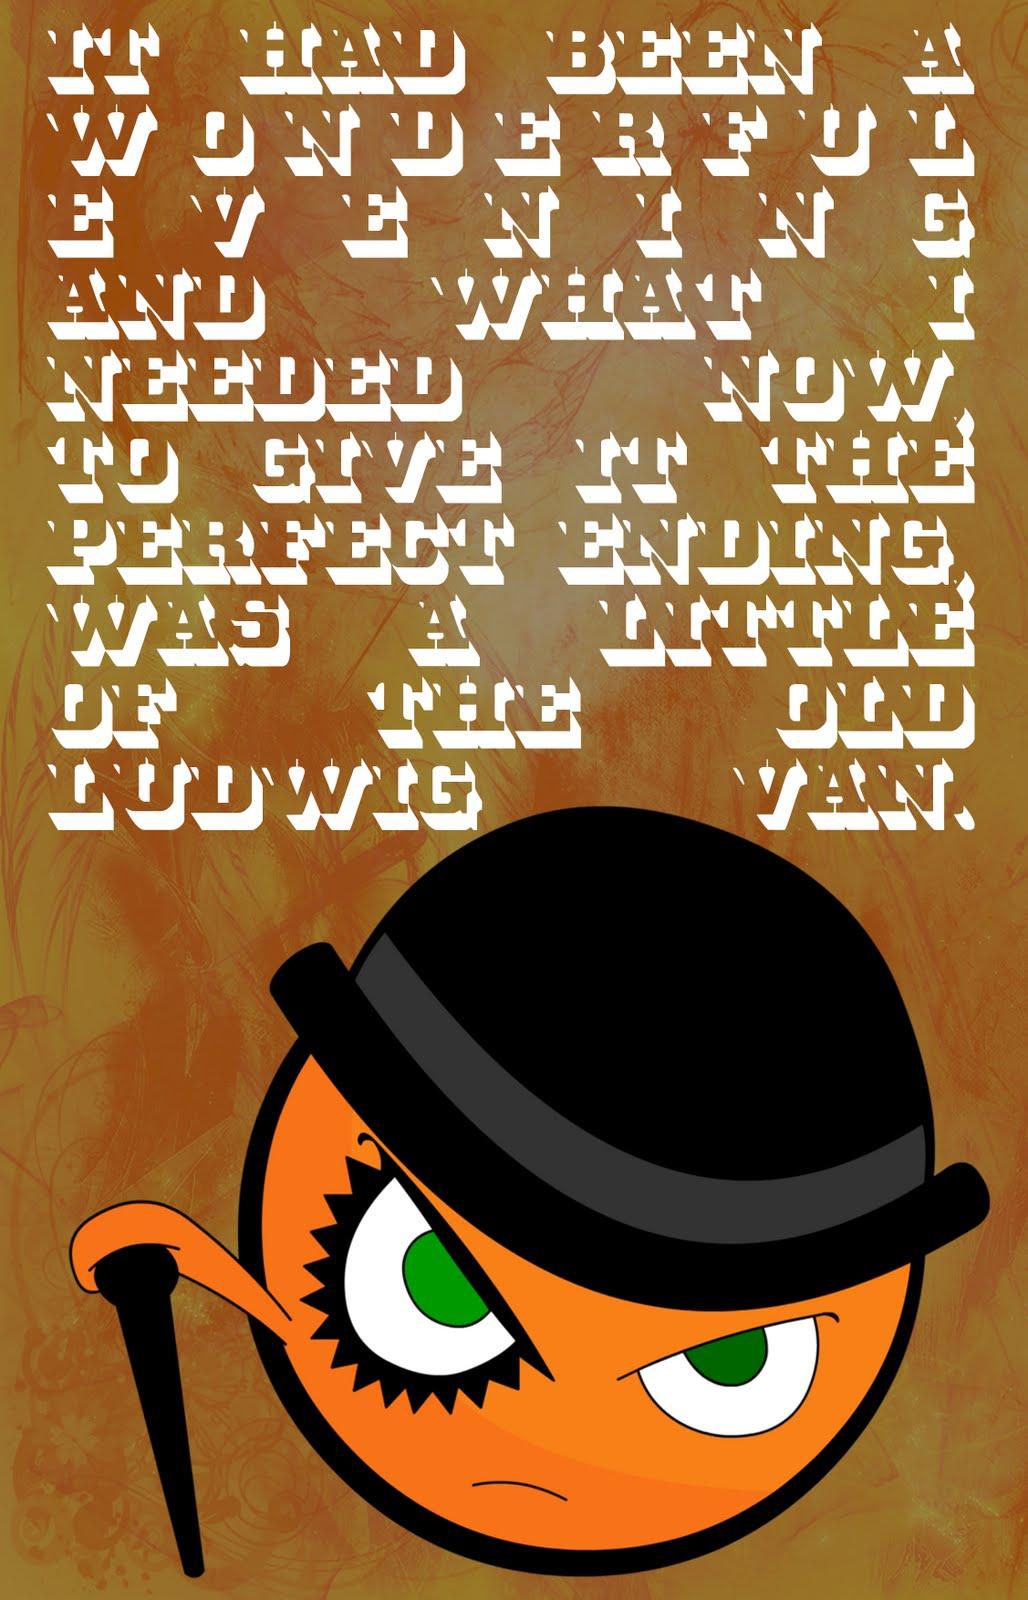 A Clockwork Orange Quotes Tumblr 53107   RIMEDIA